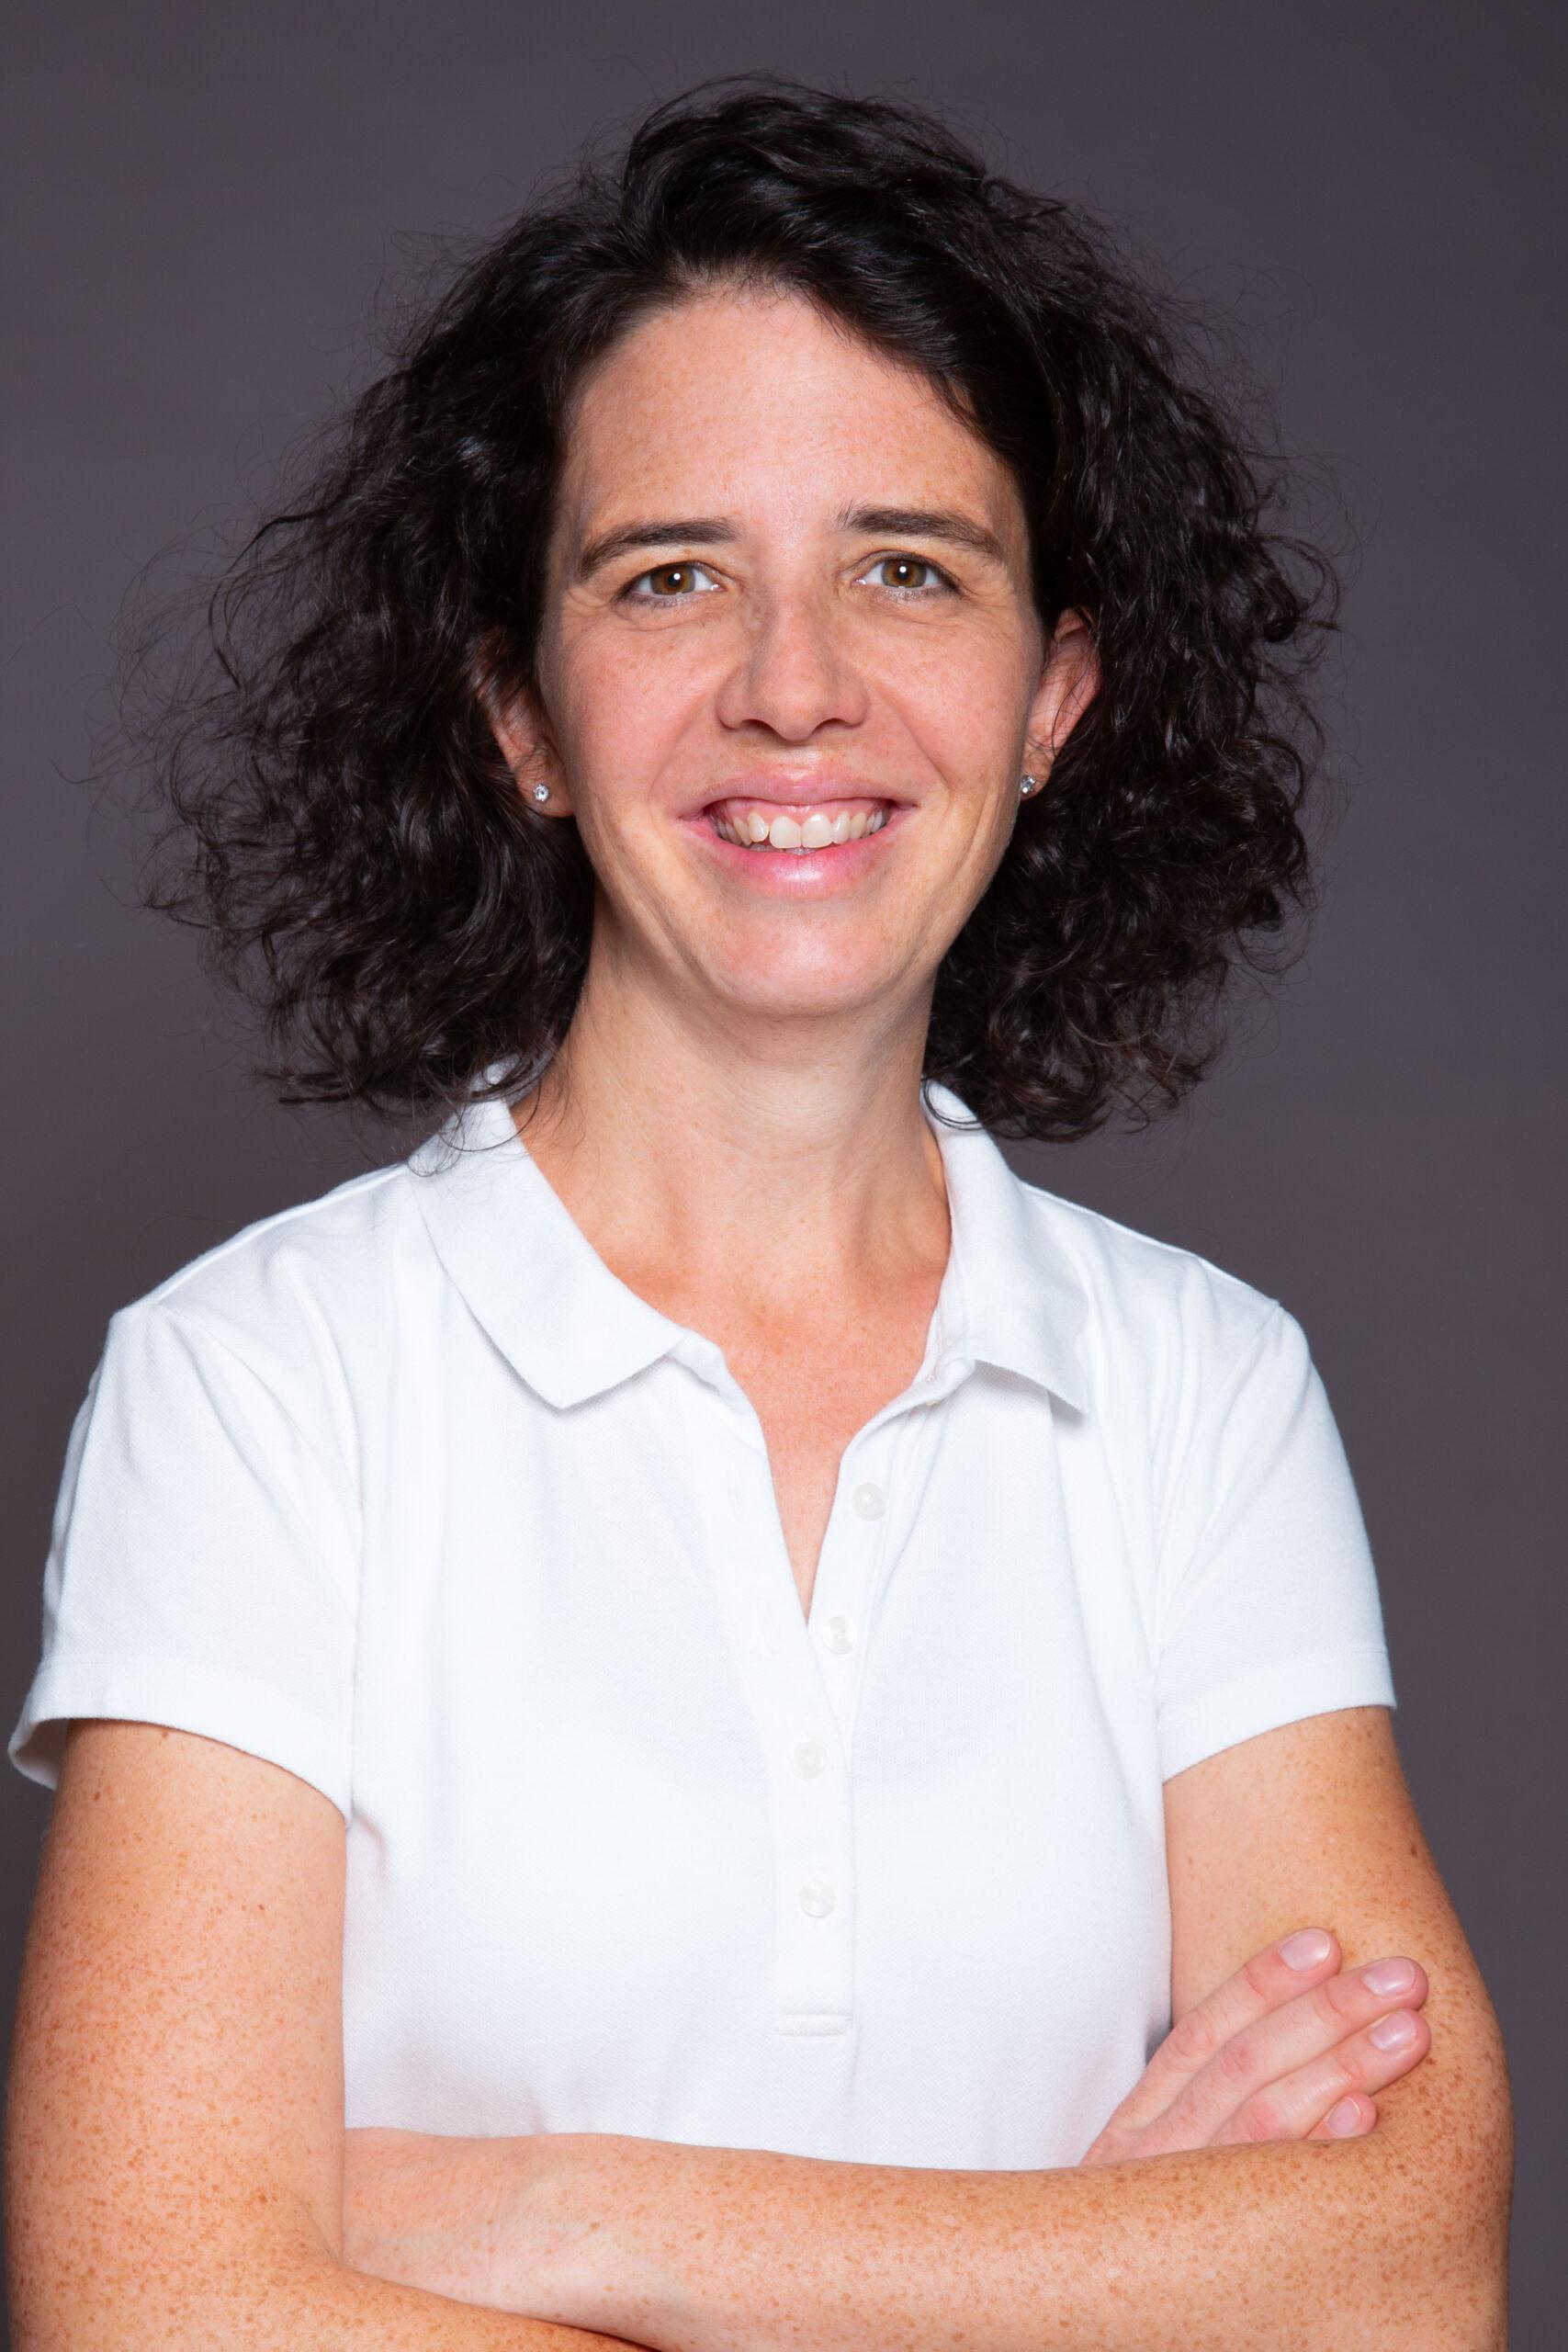 Dr. med. Katrin Mühlen